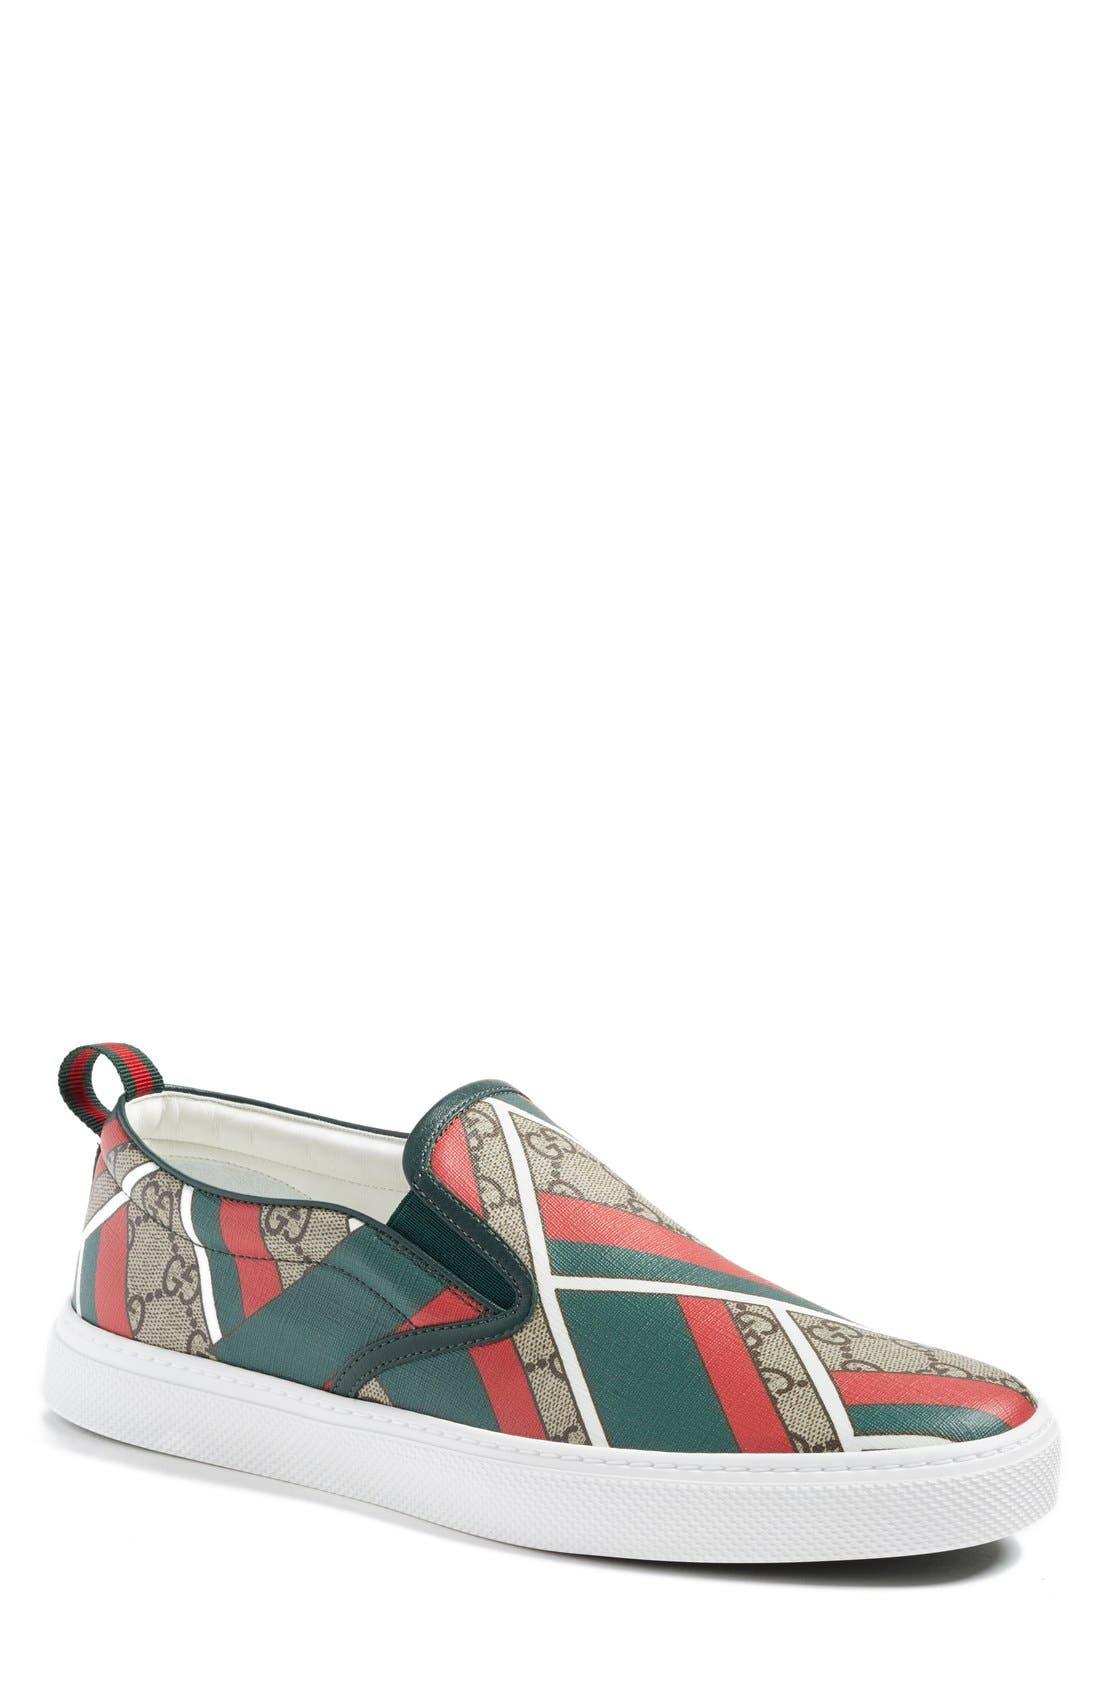 Dublin Slip-On Sneaker,                             Main thumbnail 9, color,